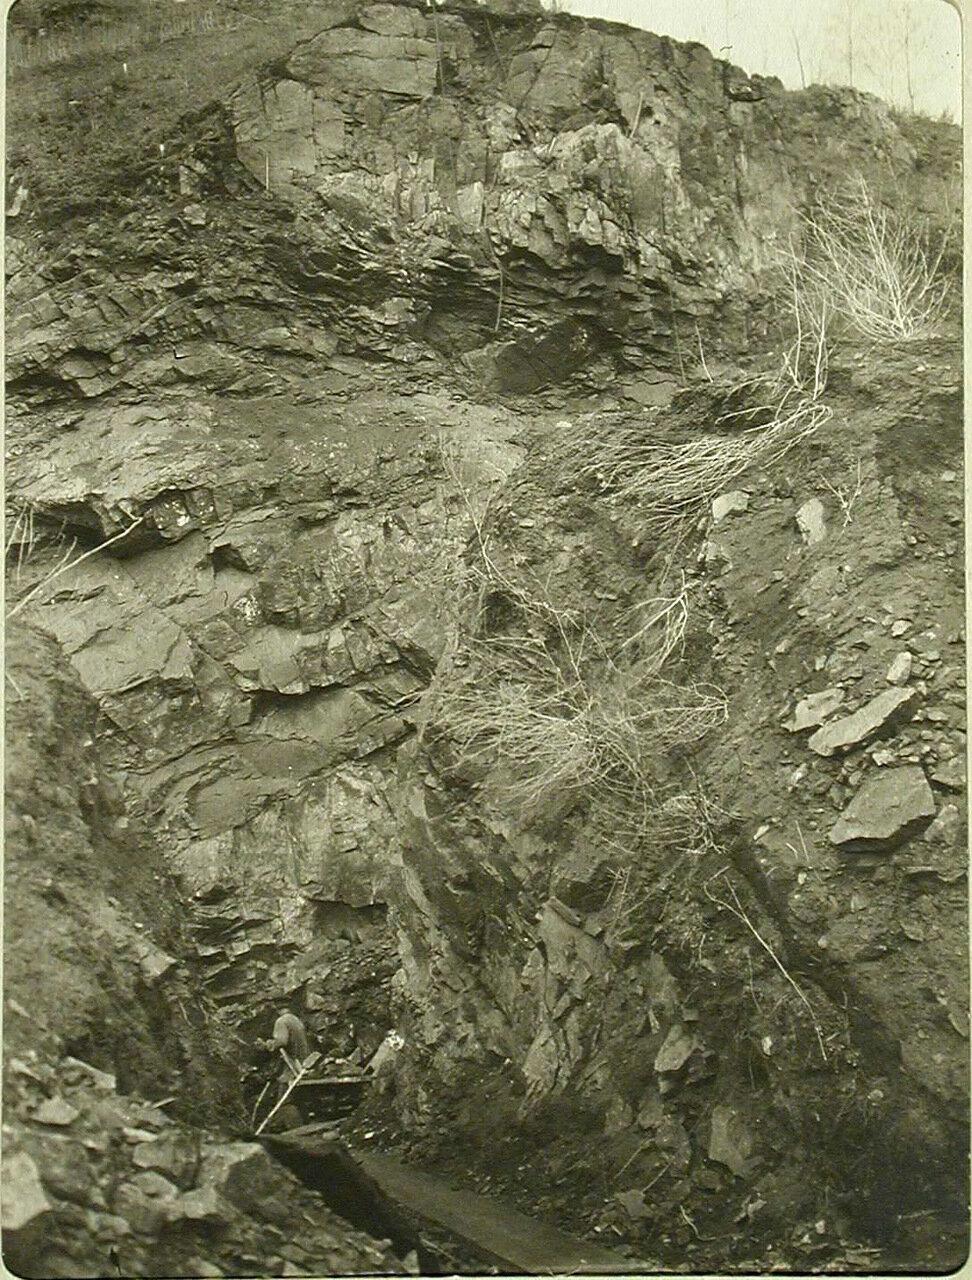 78. Вид участка Кругобайкальской железной дороги во время тоннельных работ. Забайкальская обл., между ст. Шарыжалгай - Култук